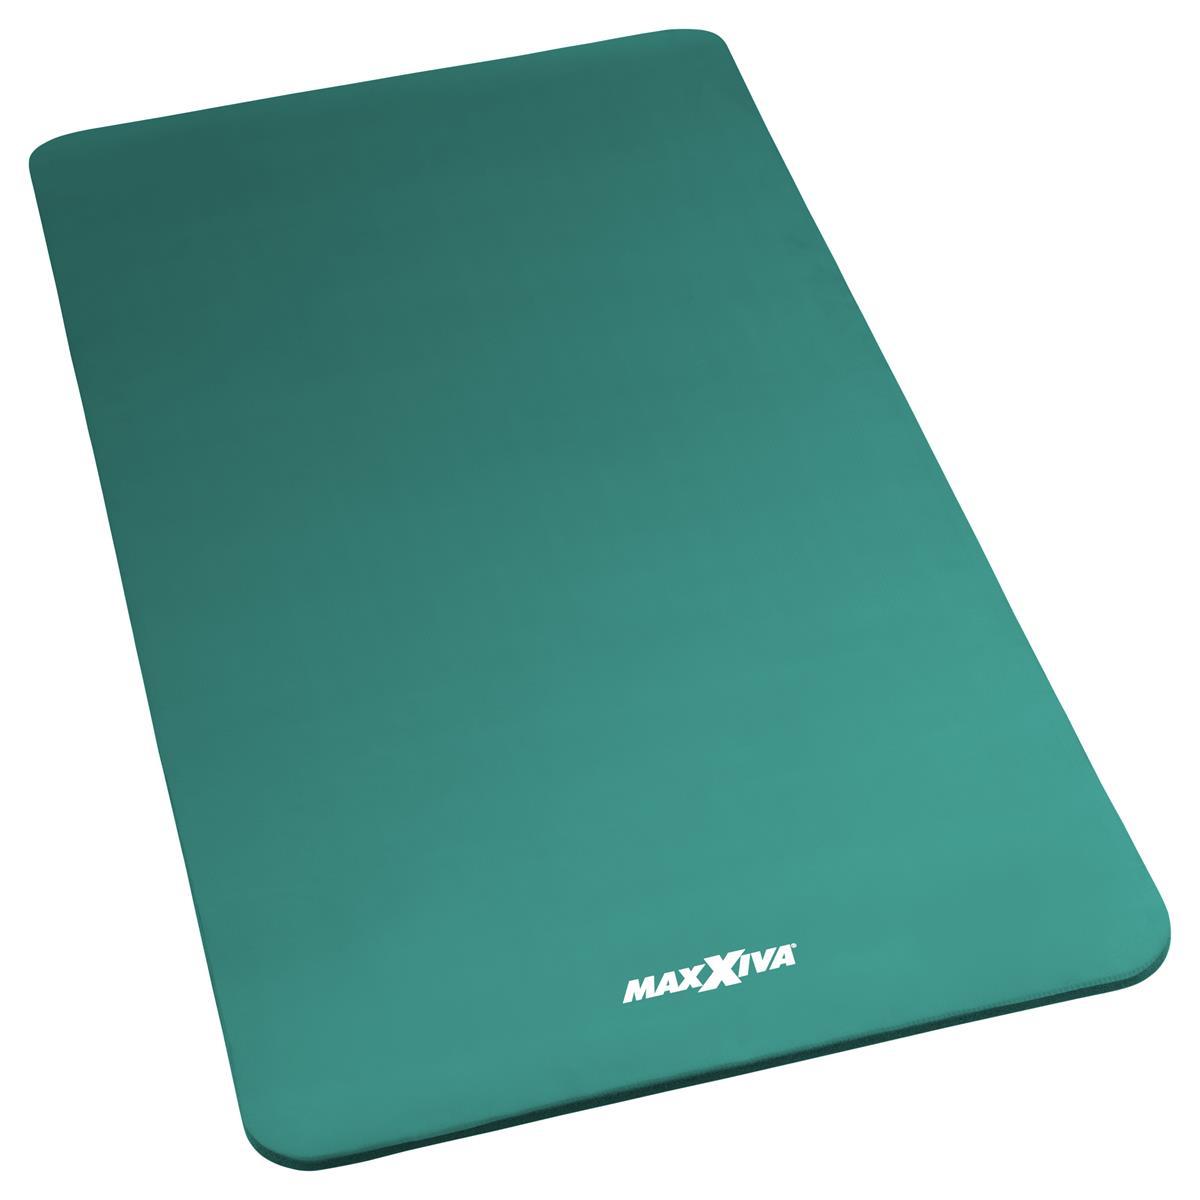 MAXXIVA Yogamatte Gymnastikmatte Fitnessmatte 190x100x1,5 cm petrol schadstofffrei